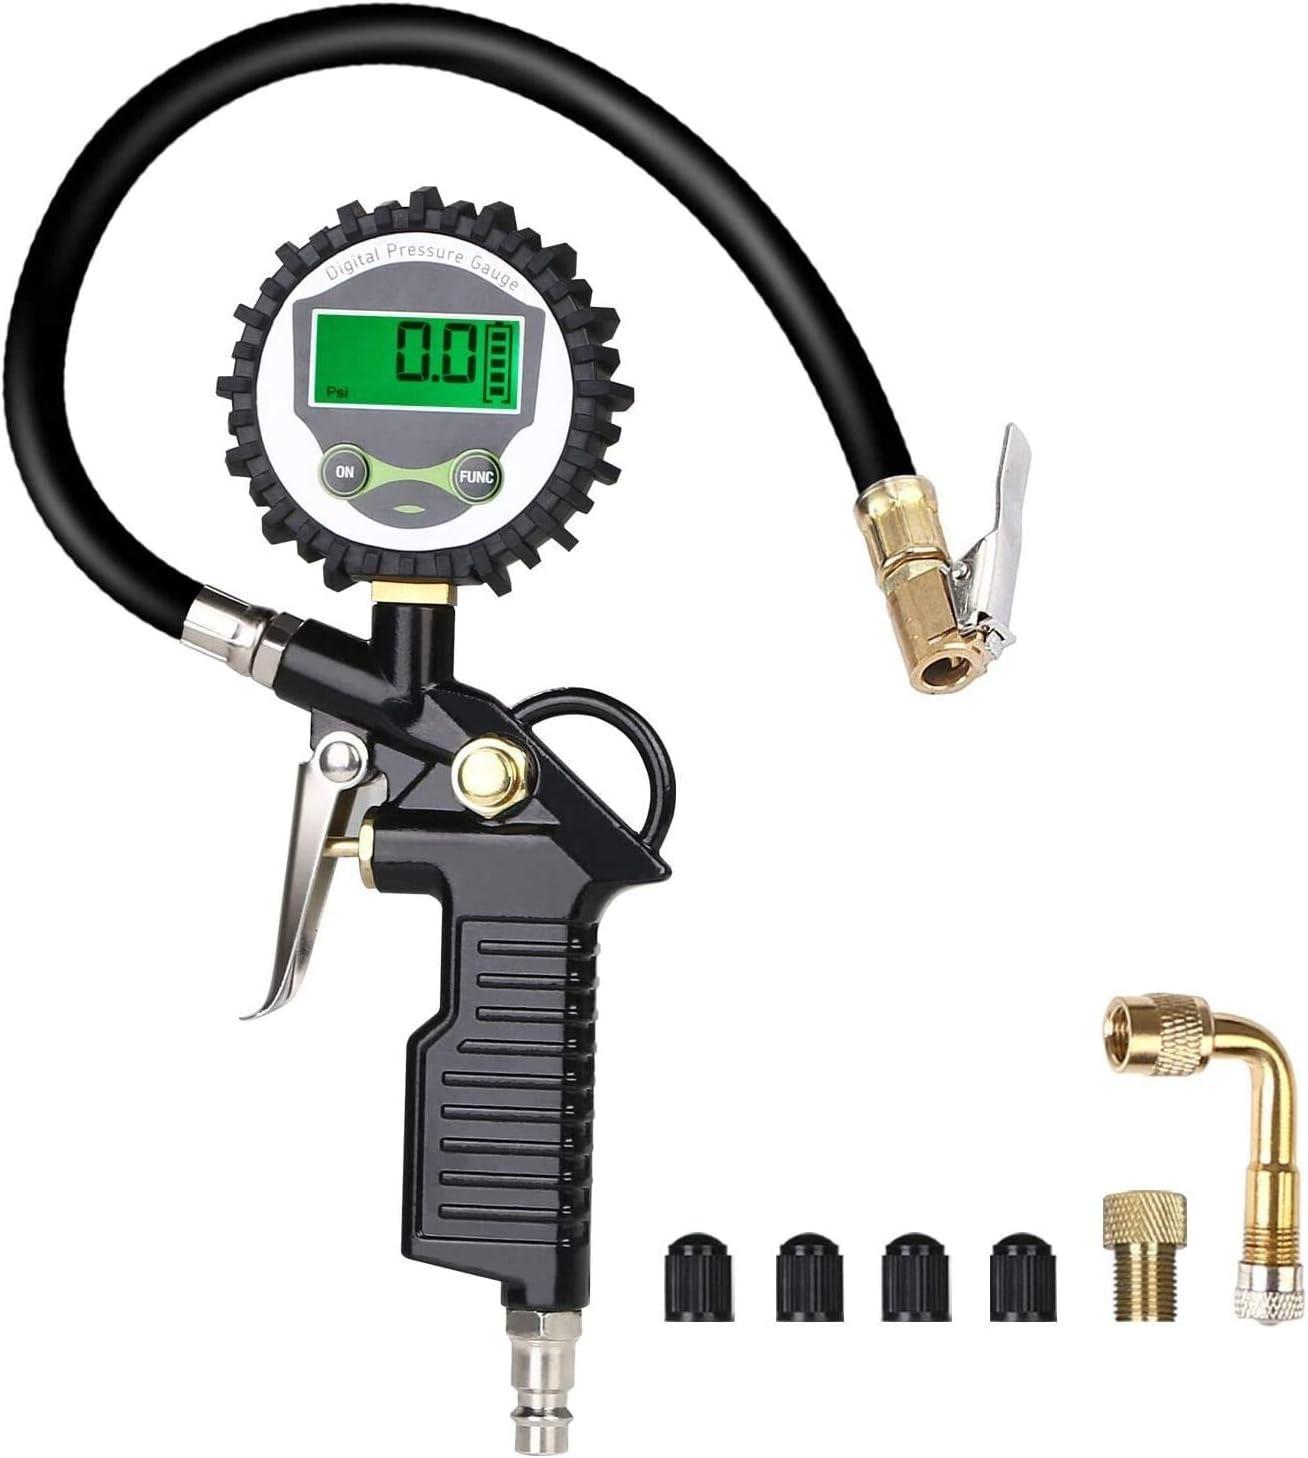 URAQT Manometro Presion Neumaticos, Manómetro Digital con Pantalla LCD, Manómetro de Neumáticos, Medidor de Presión de Neumáticos con Manguera y Acoplador para Motocicleta, Bcicleta y Coche